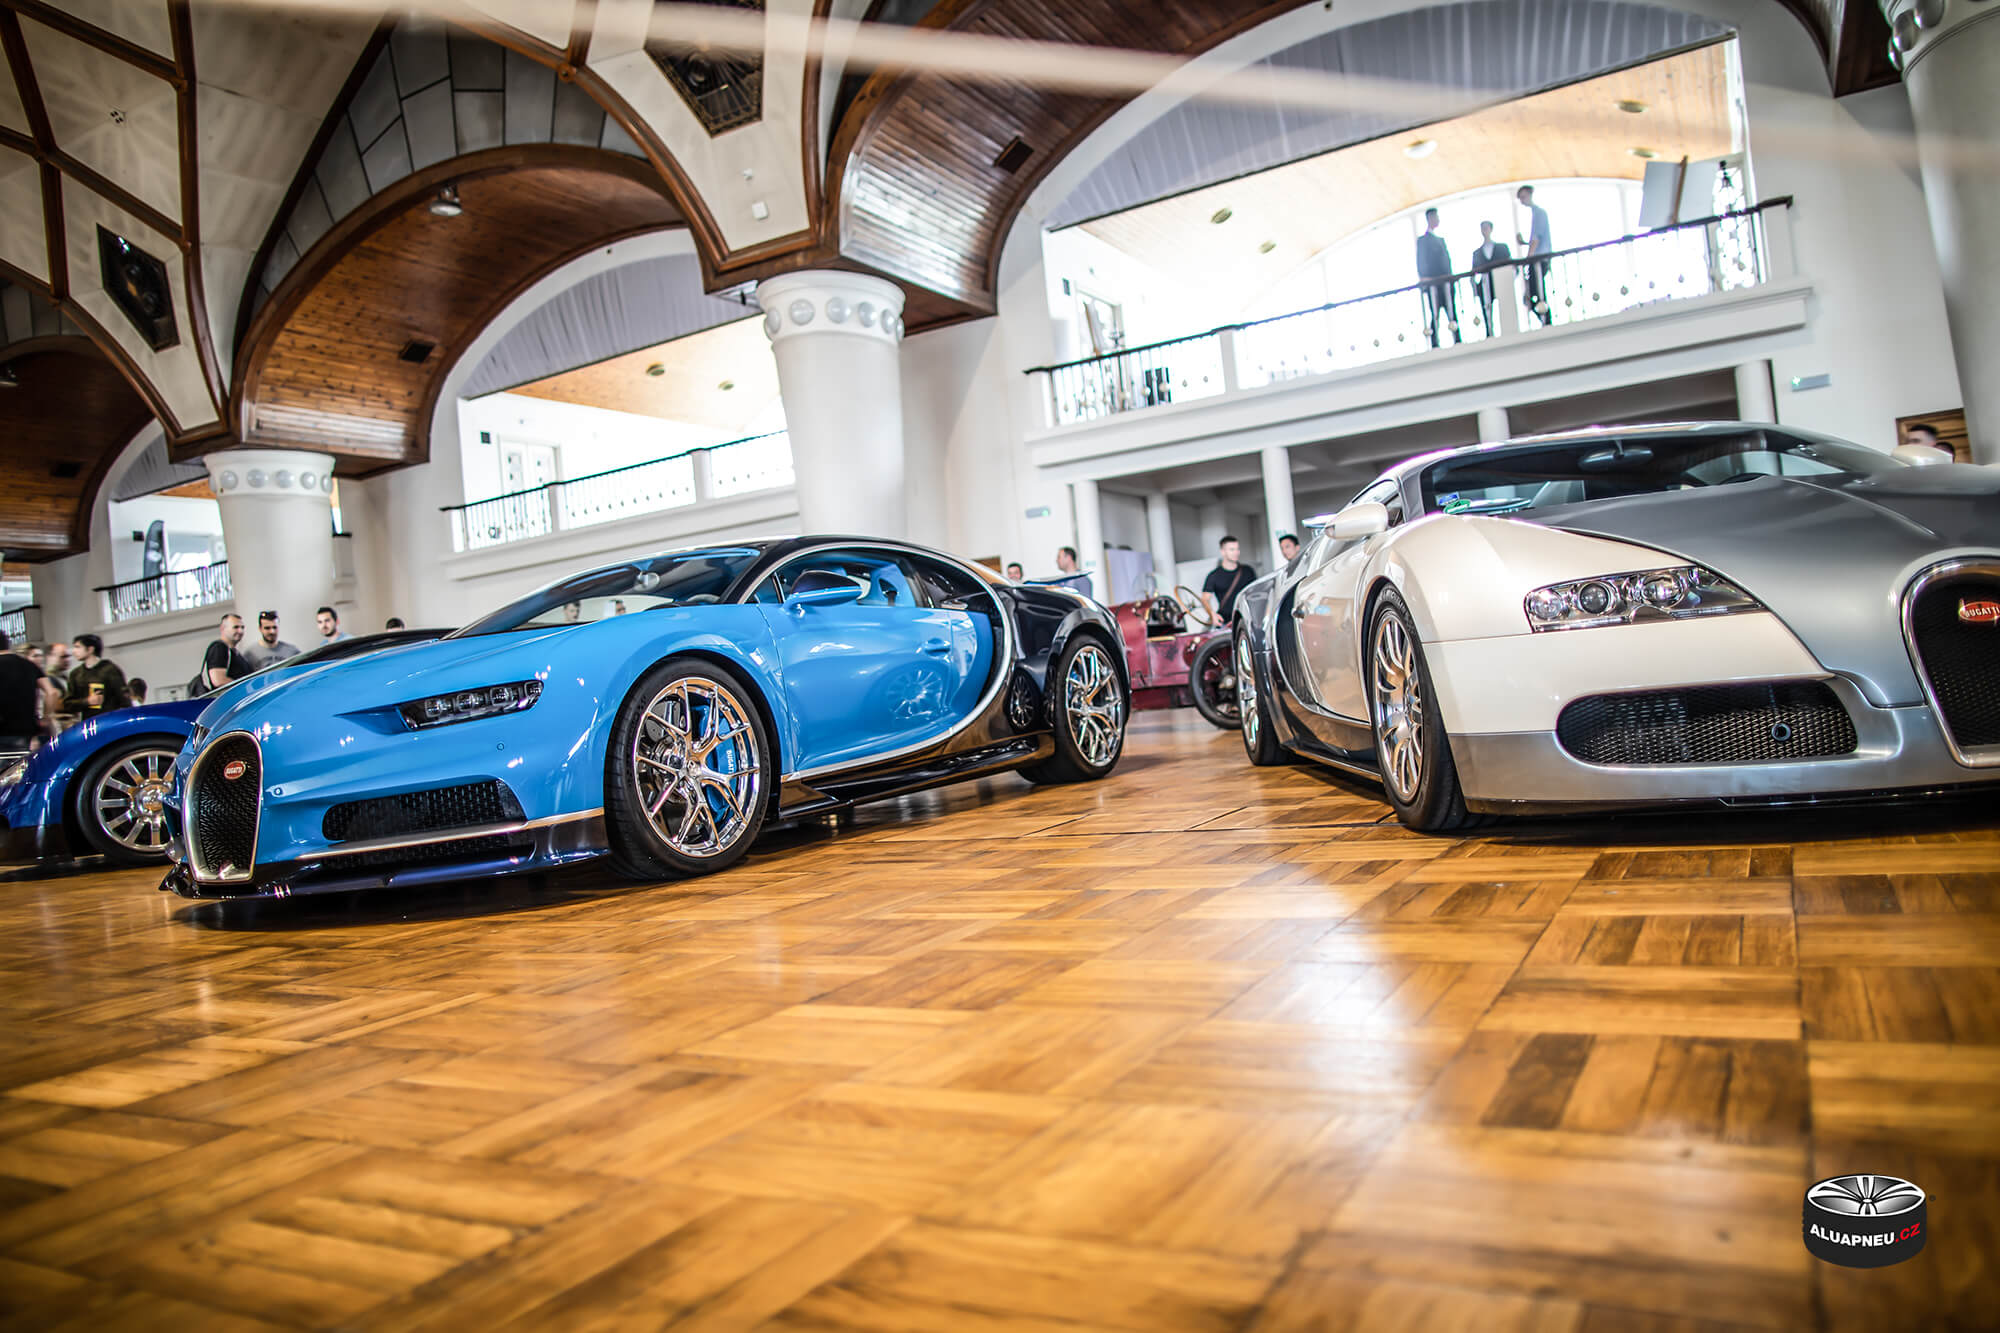 Alu kola Bugatti Chiron - Automobilové Legendy 2019 - www.aluapneu.cz